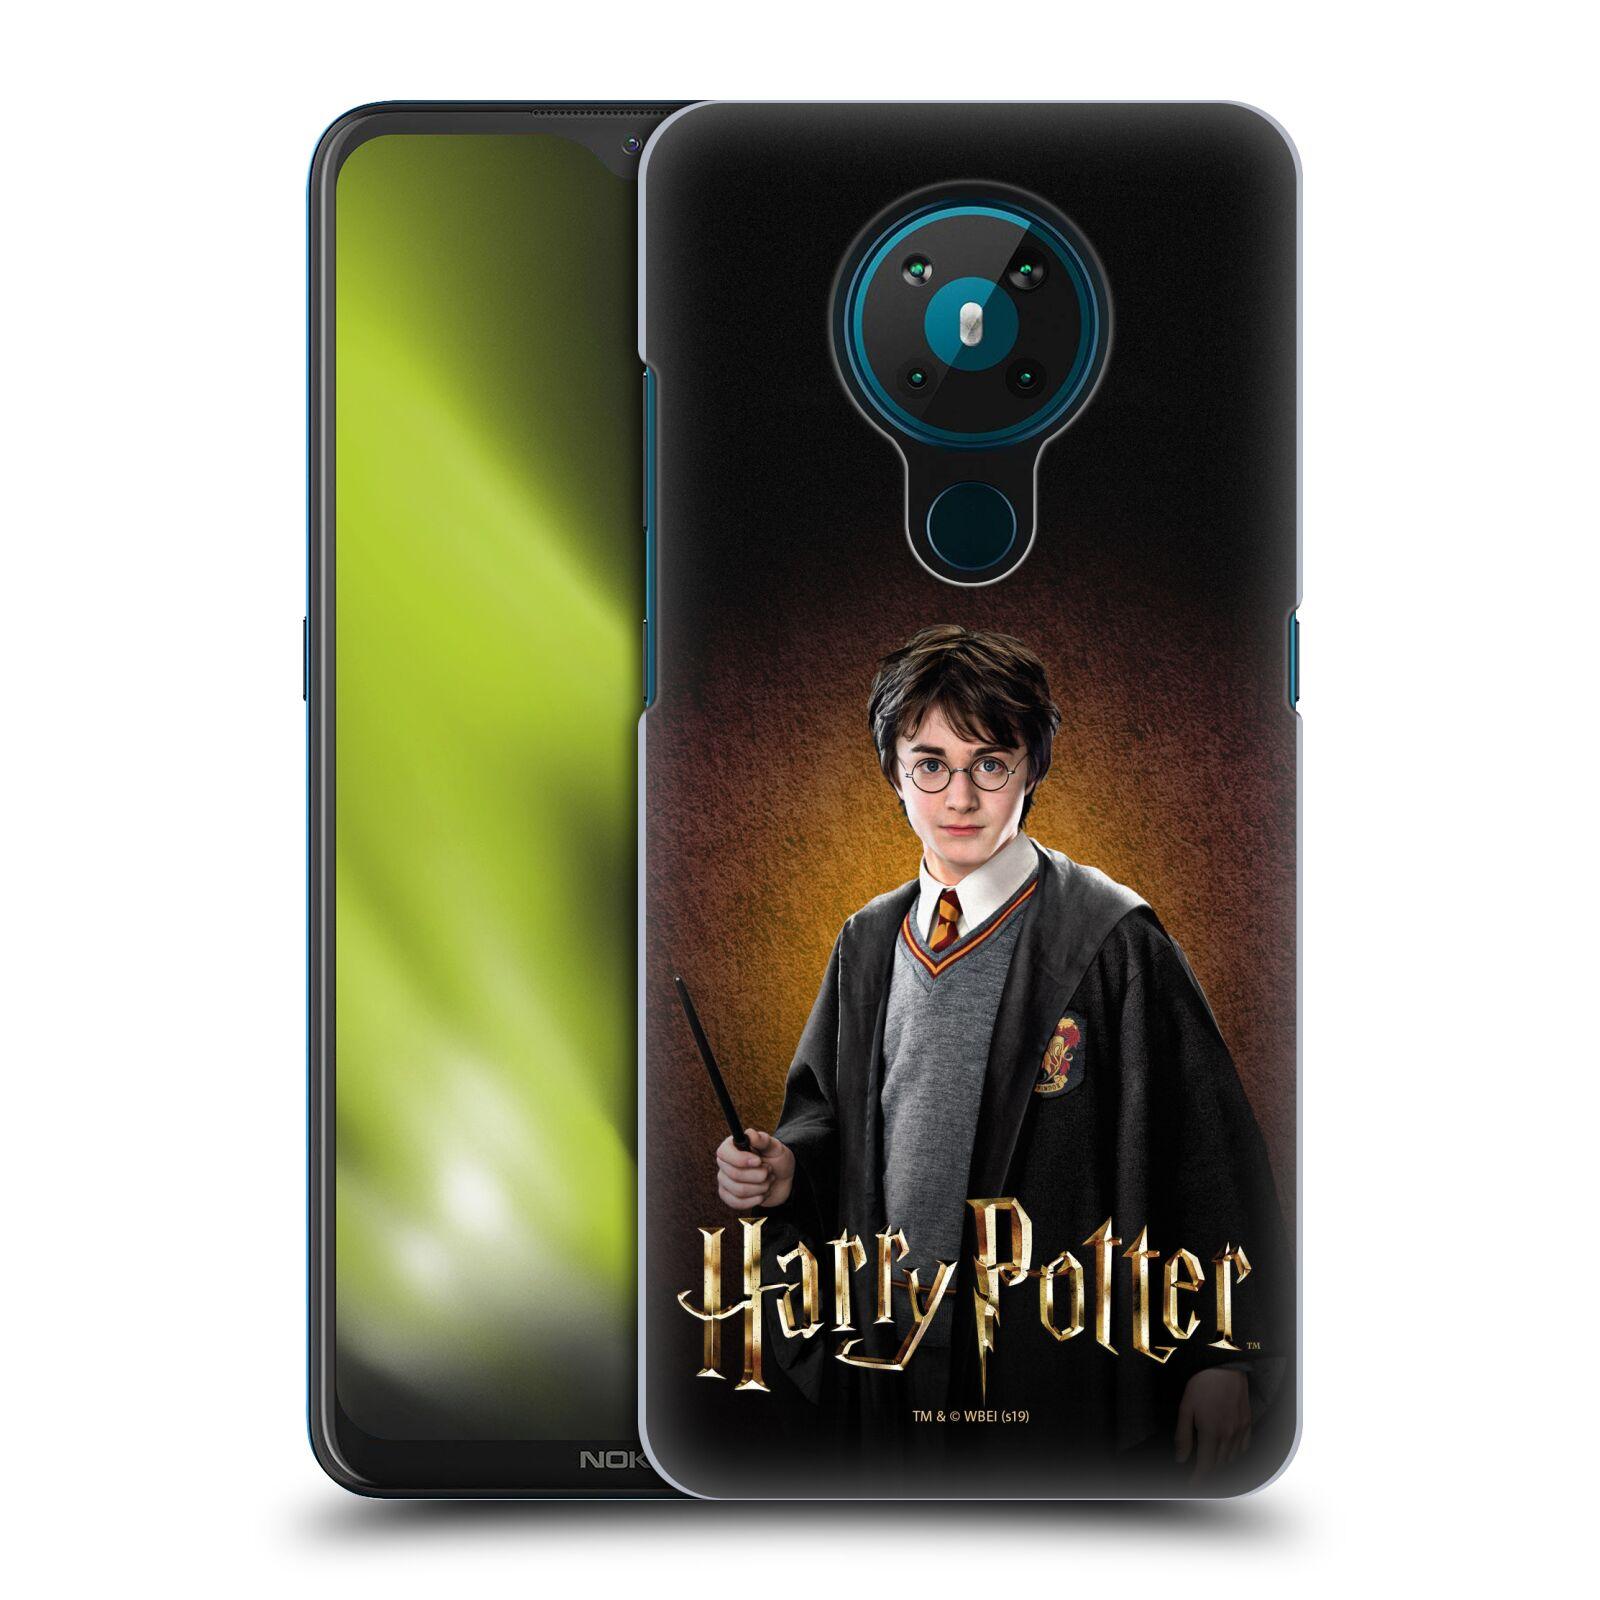 Plastové pouzdro na mobil Nokia 5.3 - Harry Potter - Malý Harry Potter